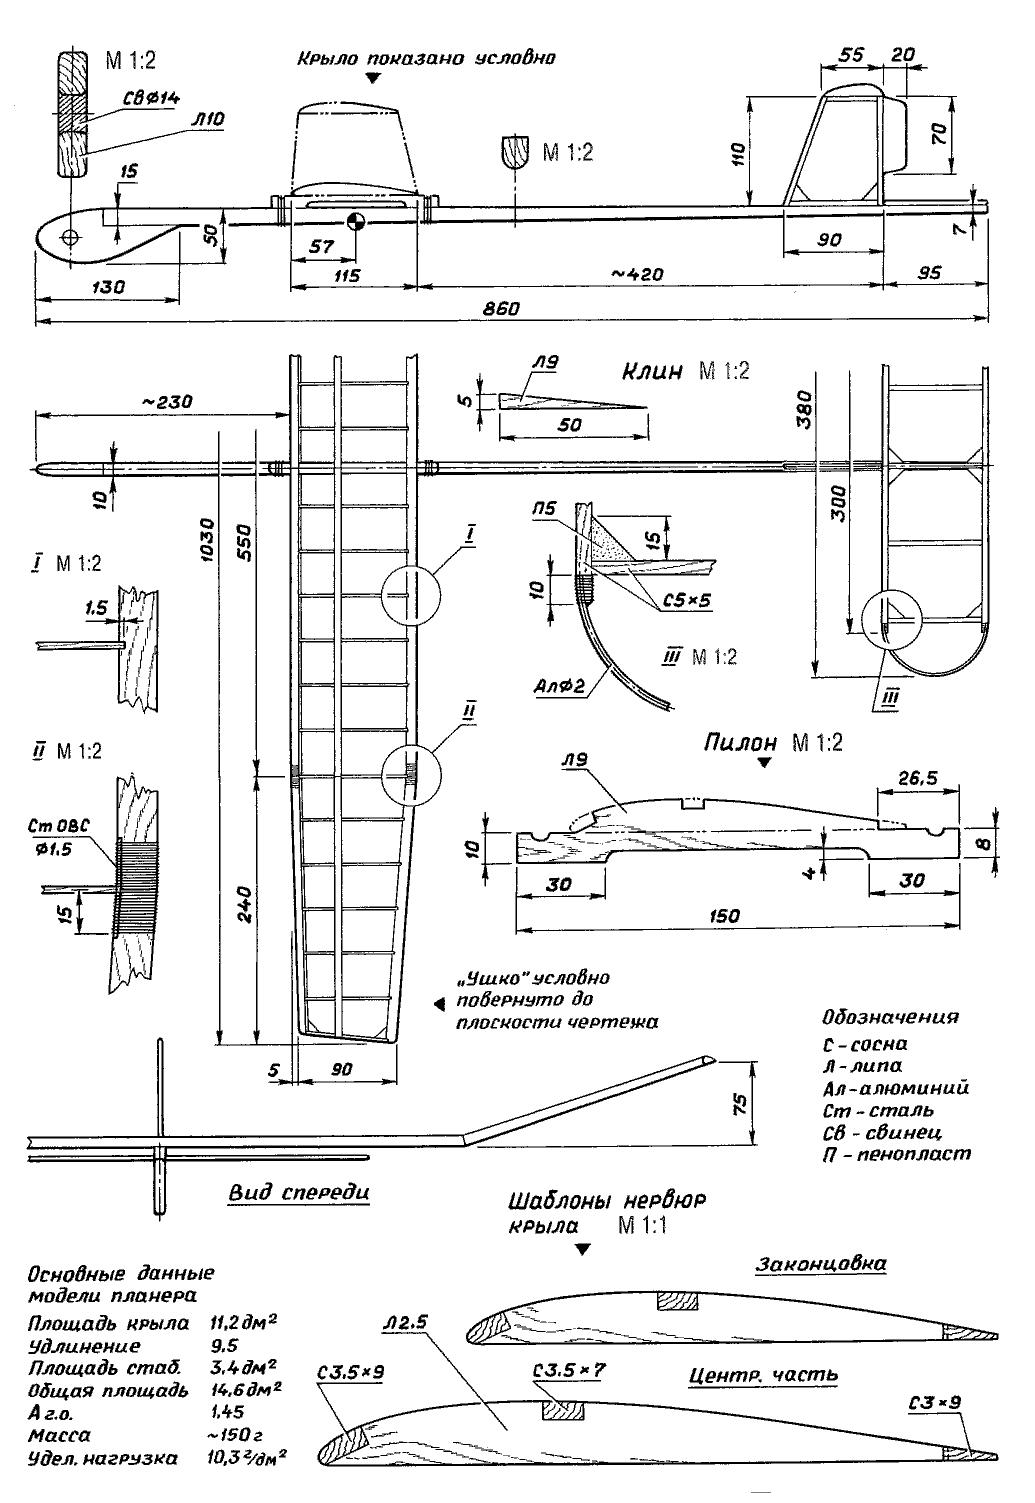 Планер своими руками чертежи схемы инструкция